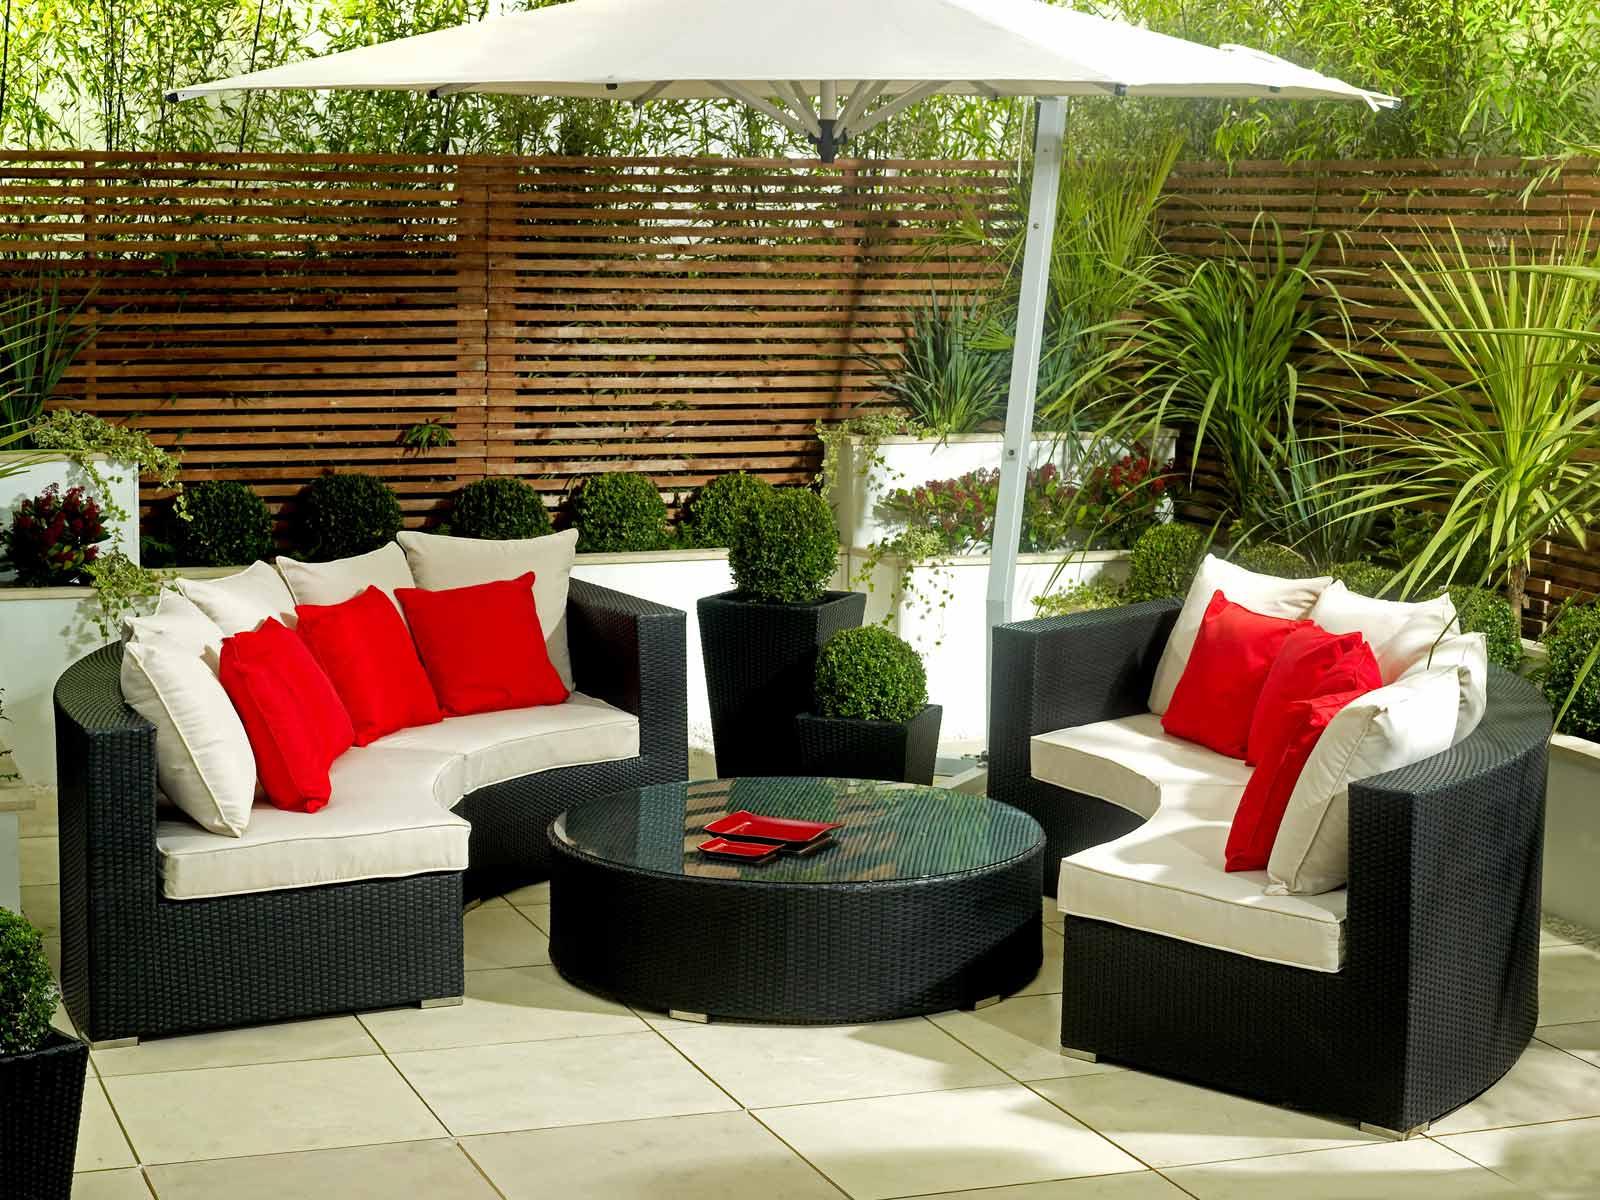 patio furniture ideas photo - 1